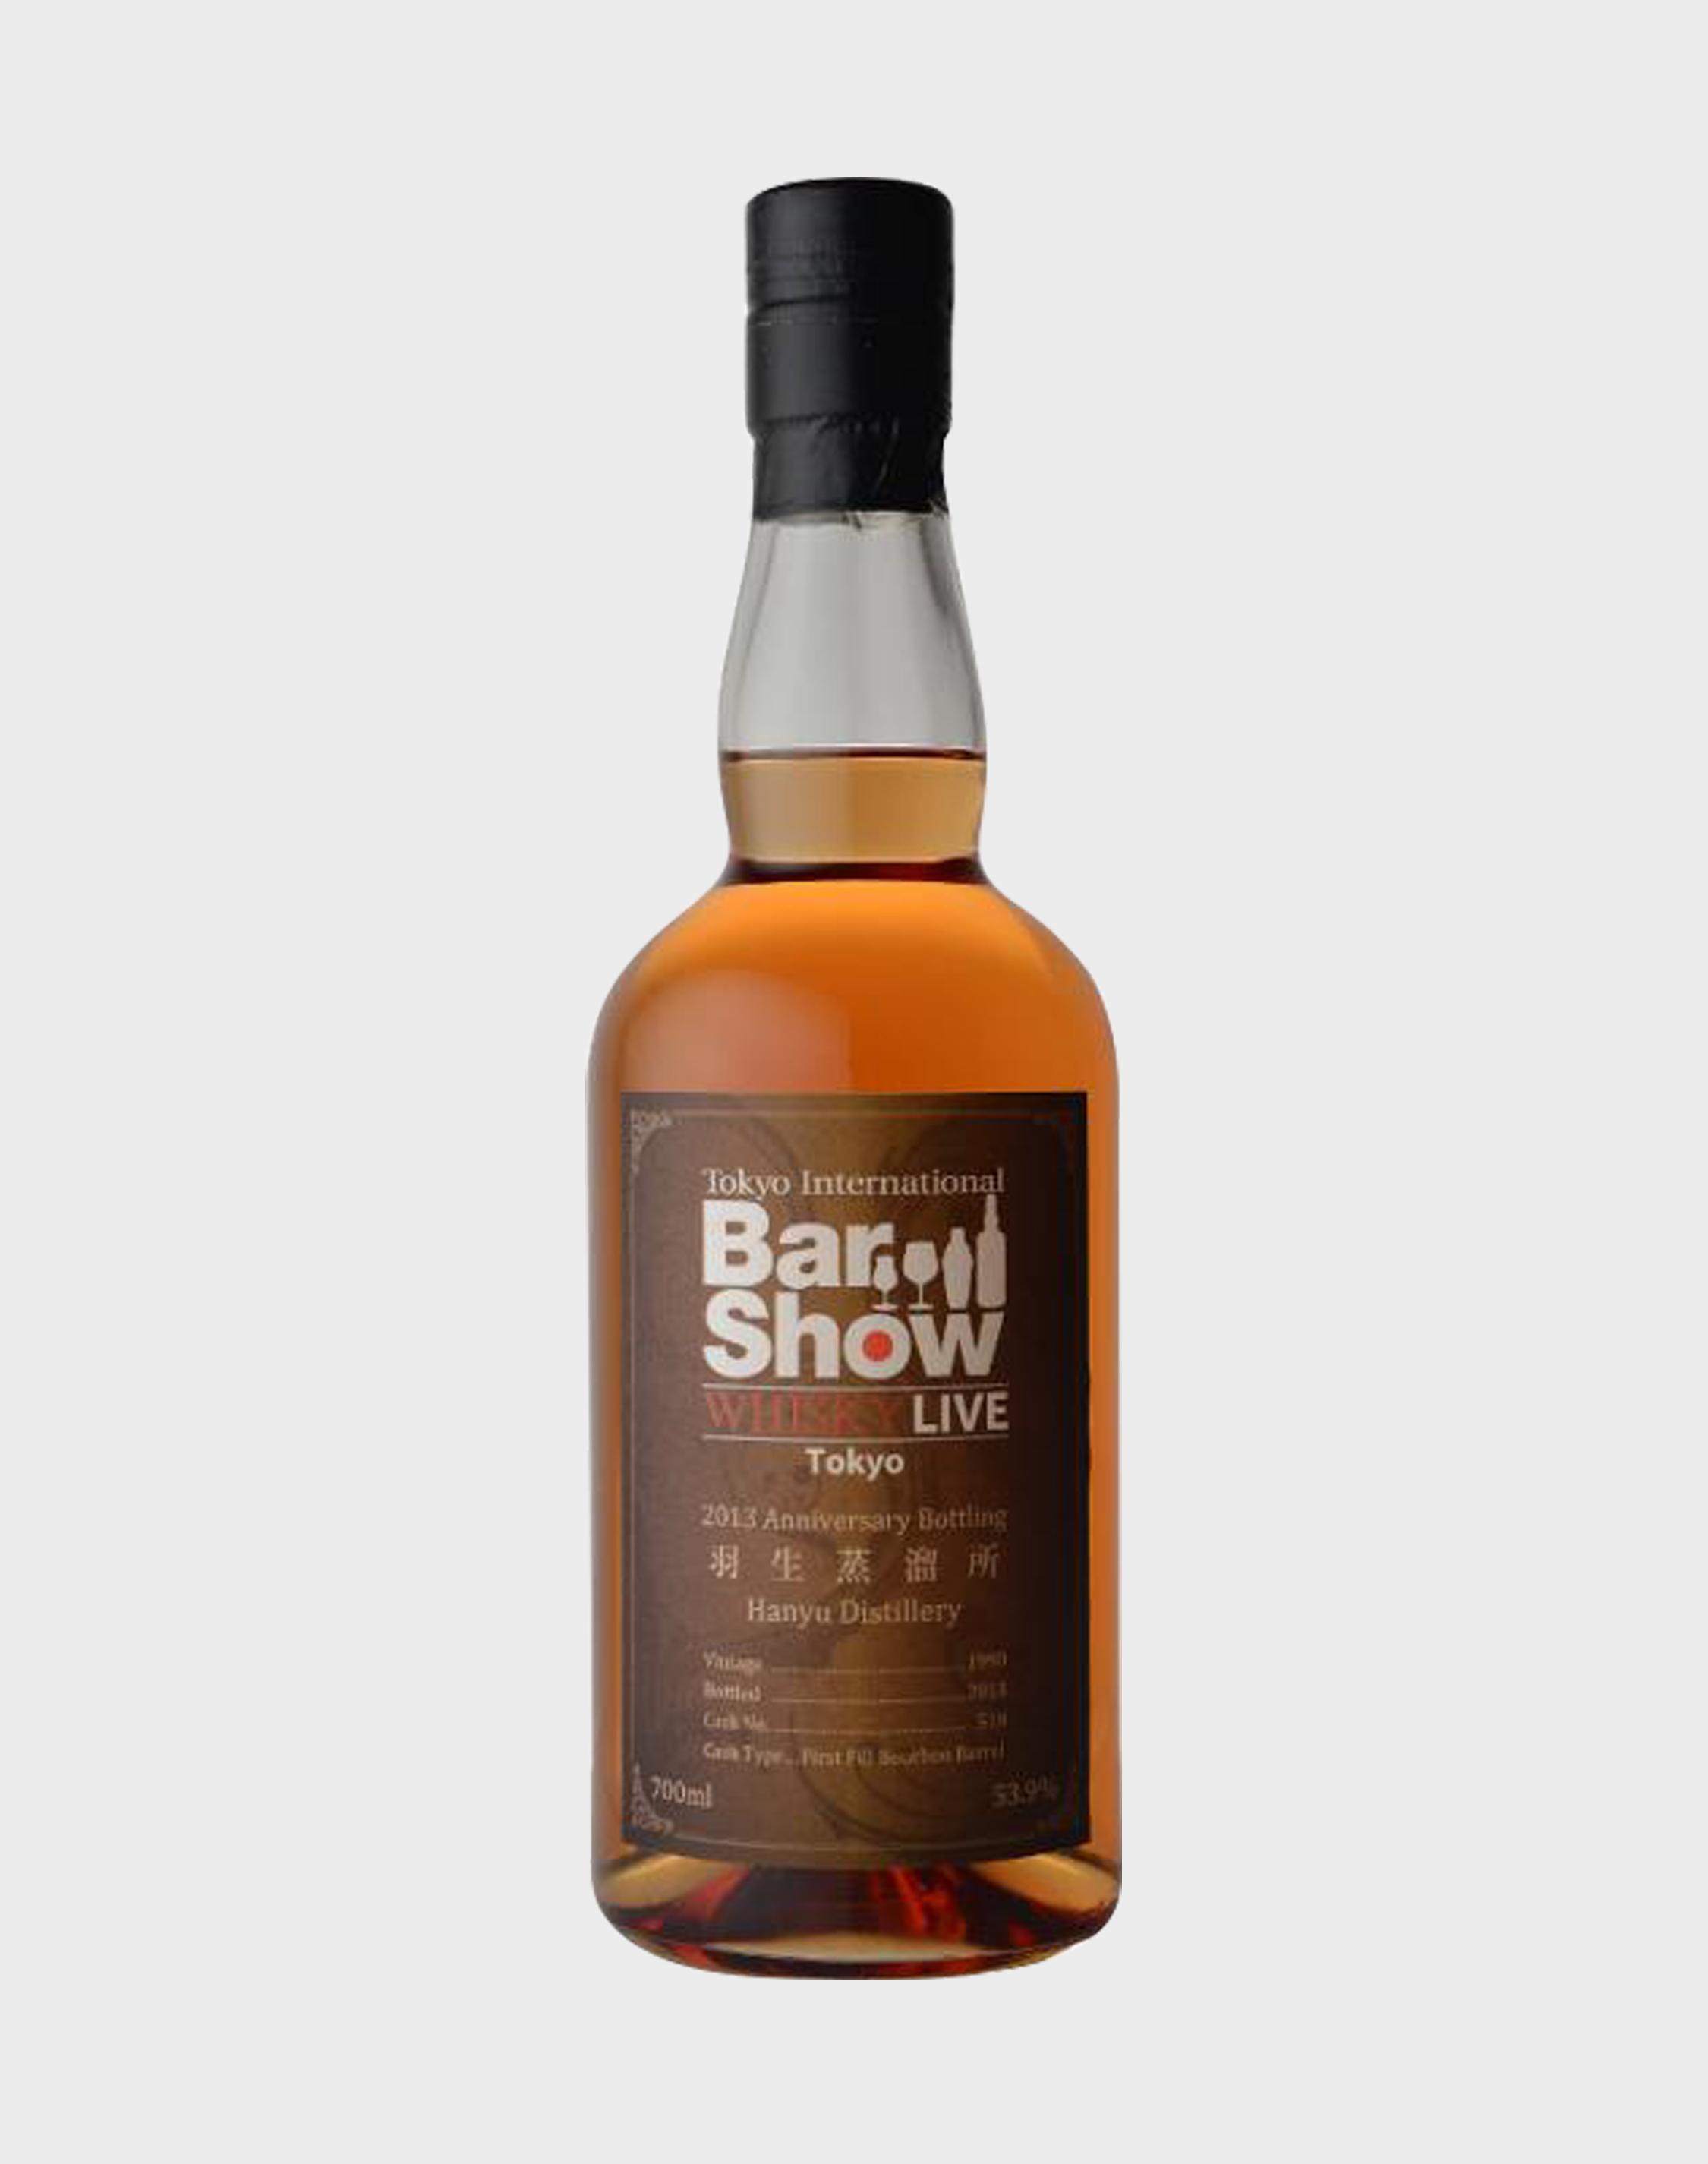 Hanyu 1990 Whisky Live Tokyo Bar Show 2013